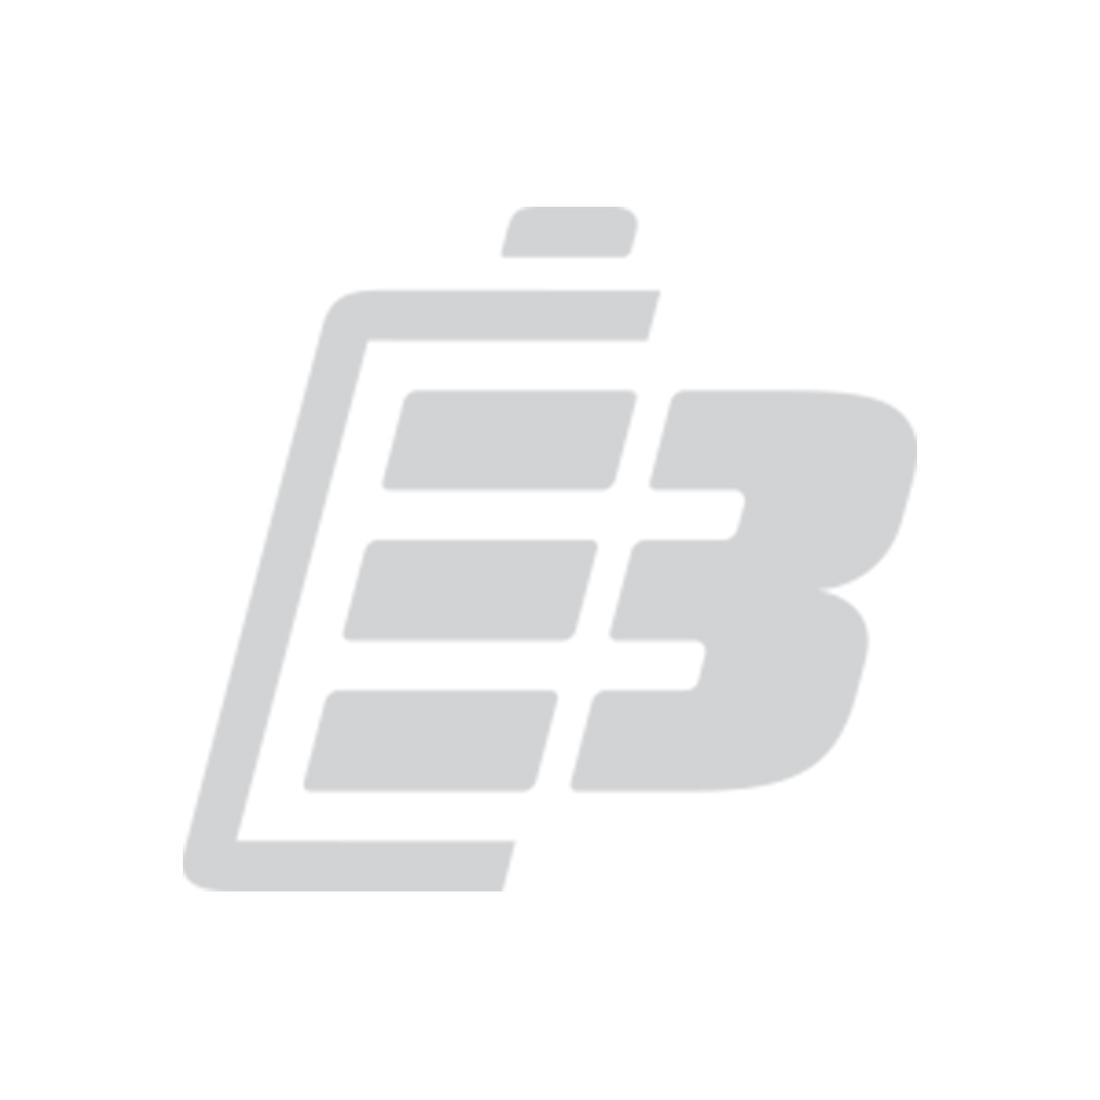 Μπαταρία φωτογραφικής μηχανής HP Photosmart 912_1